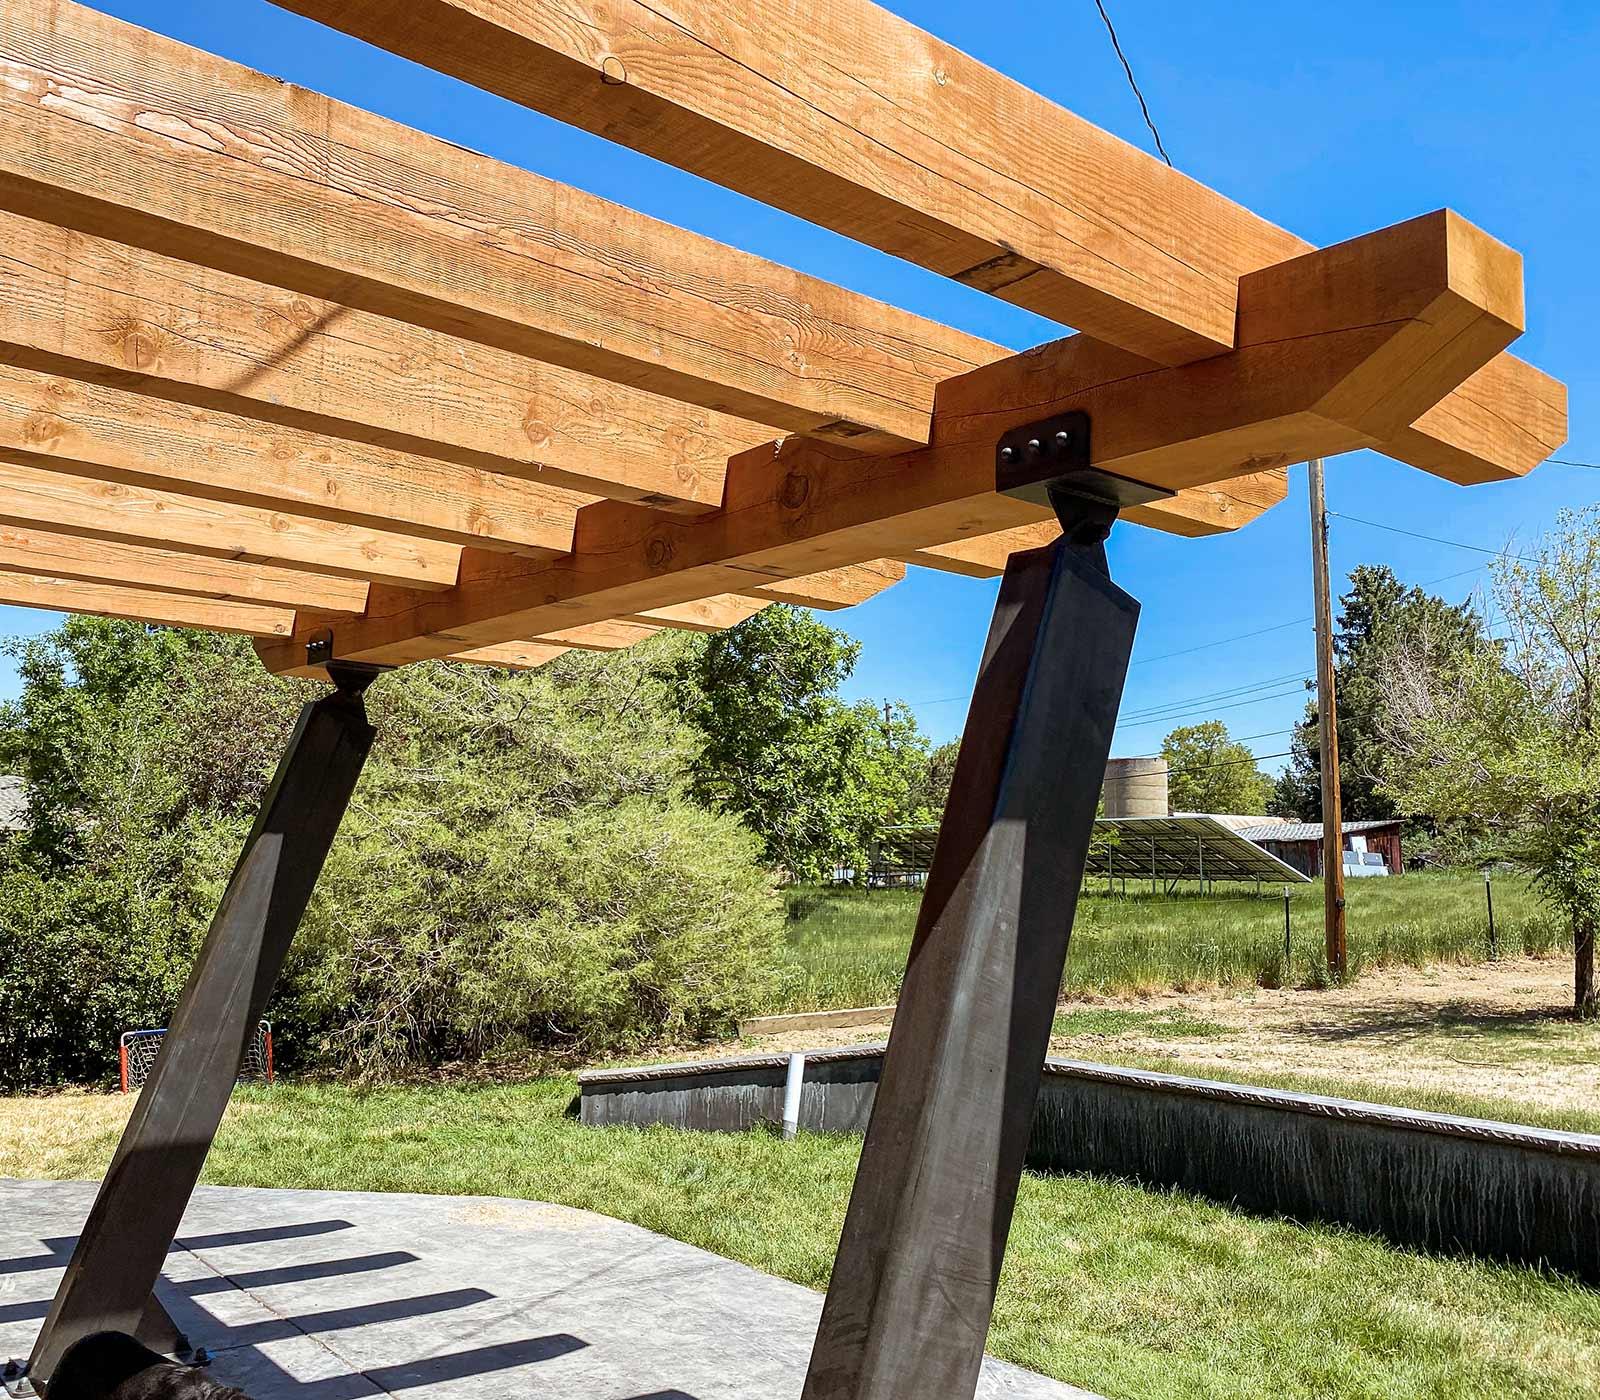 Enyart Custom Timber and Steel Pergola